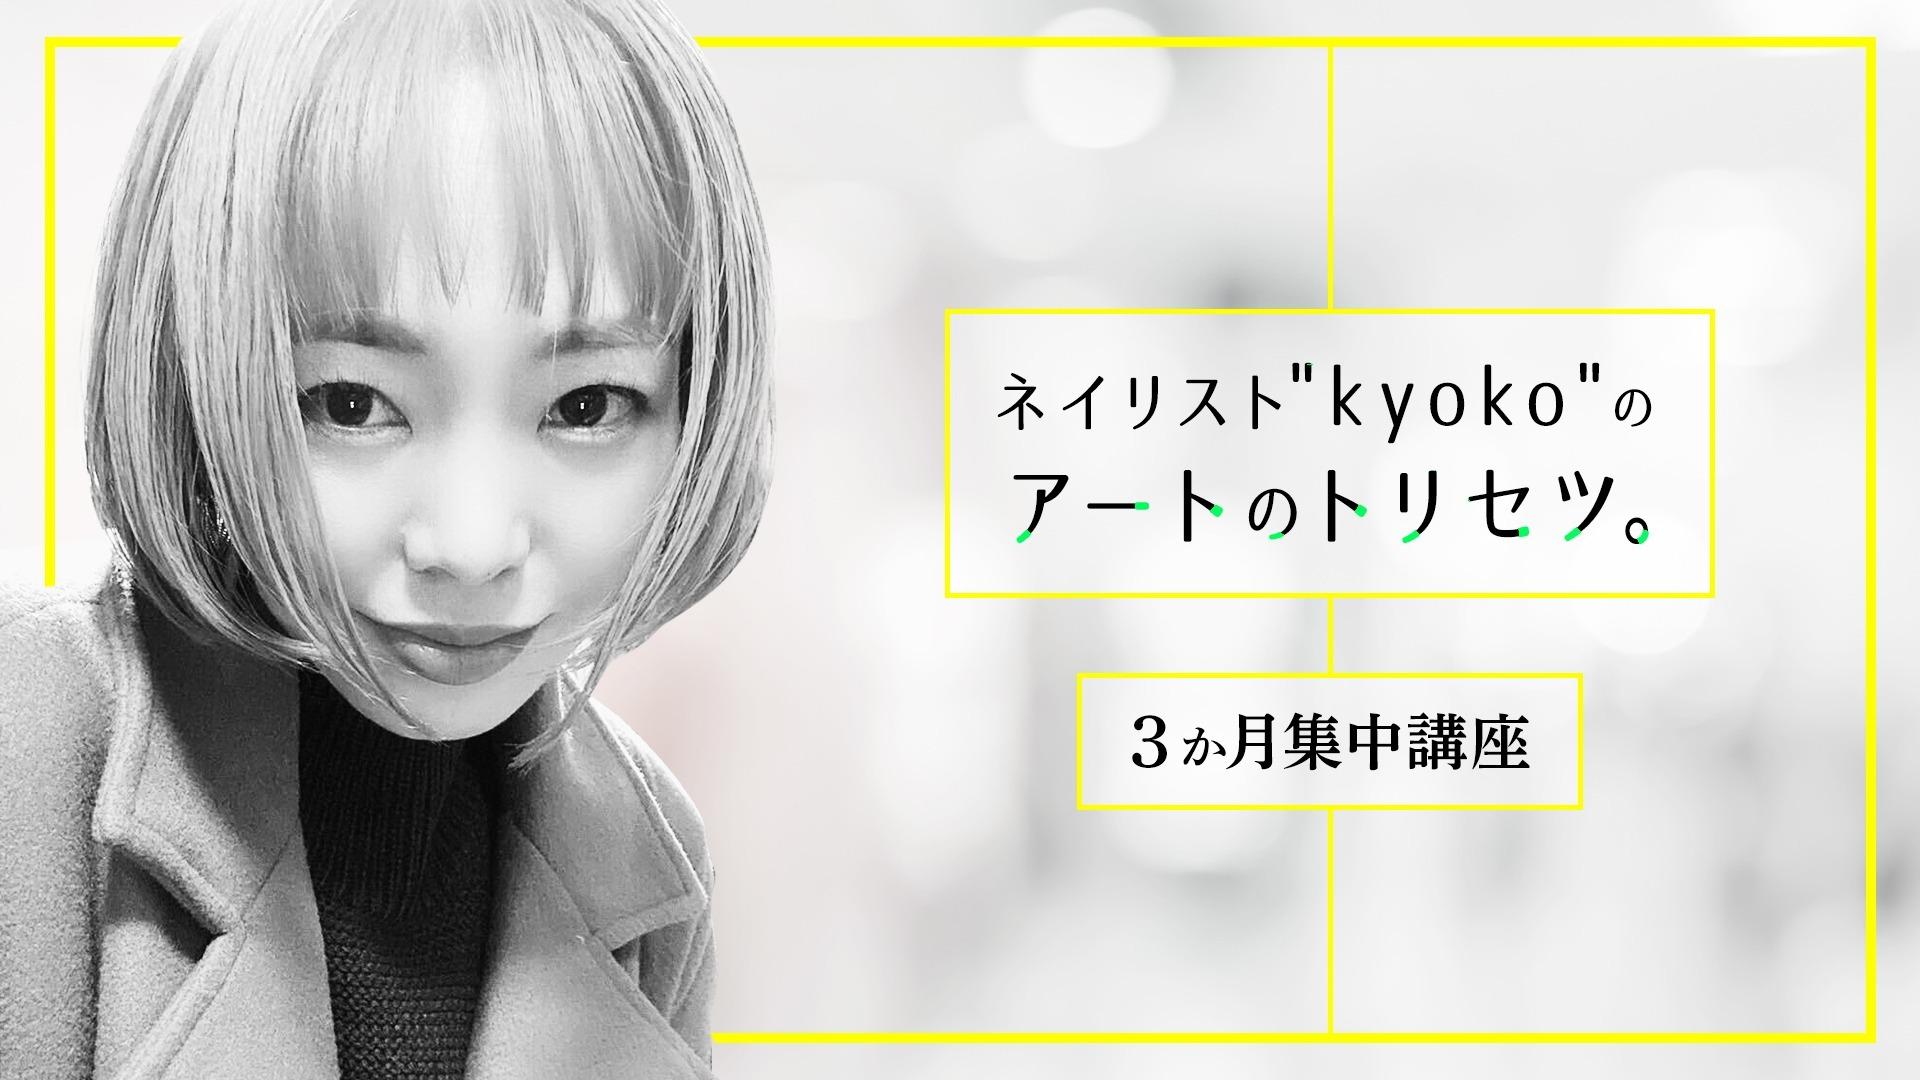 ネイリストkyokoのアートのトリセツ。3か月集中講座。